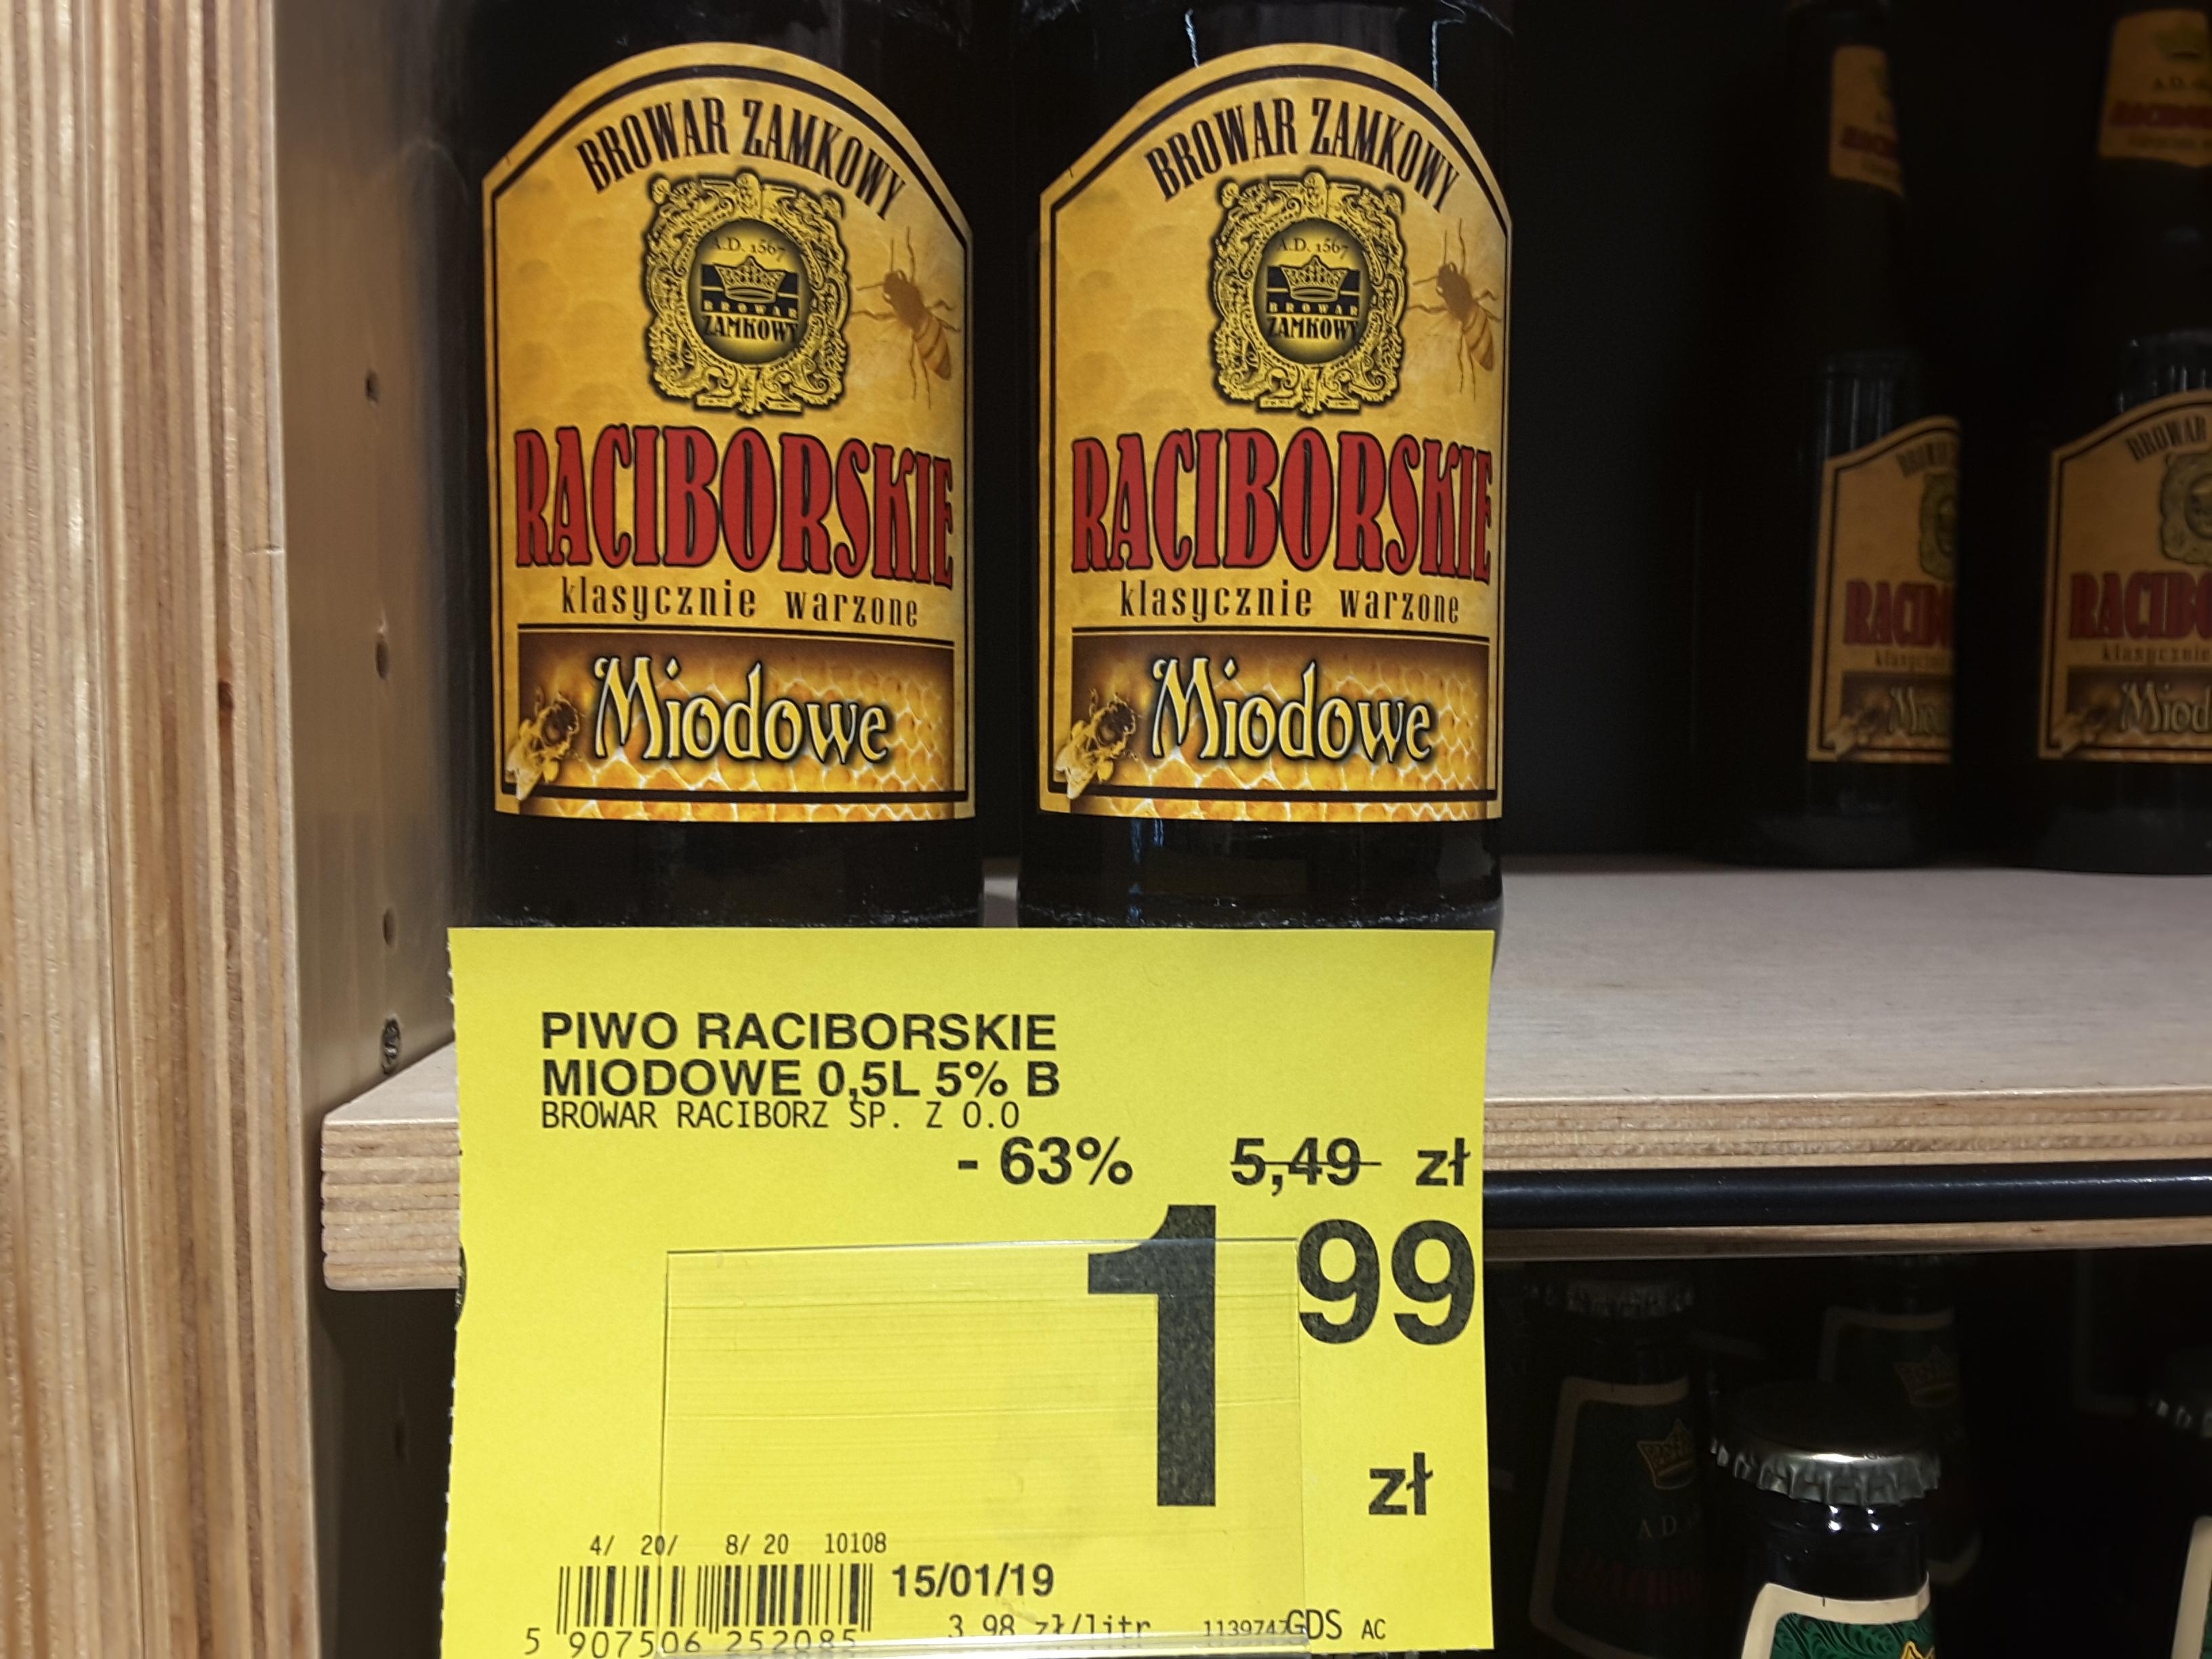 Piwo Raciborskie Miodowe 0,5 l, Carrefour